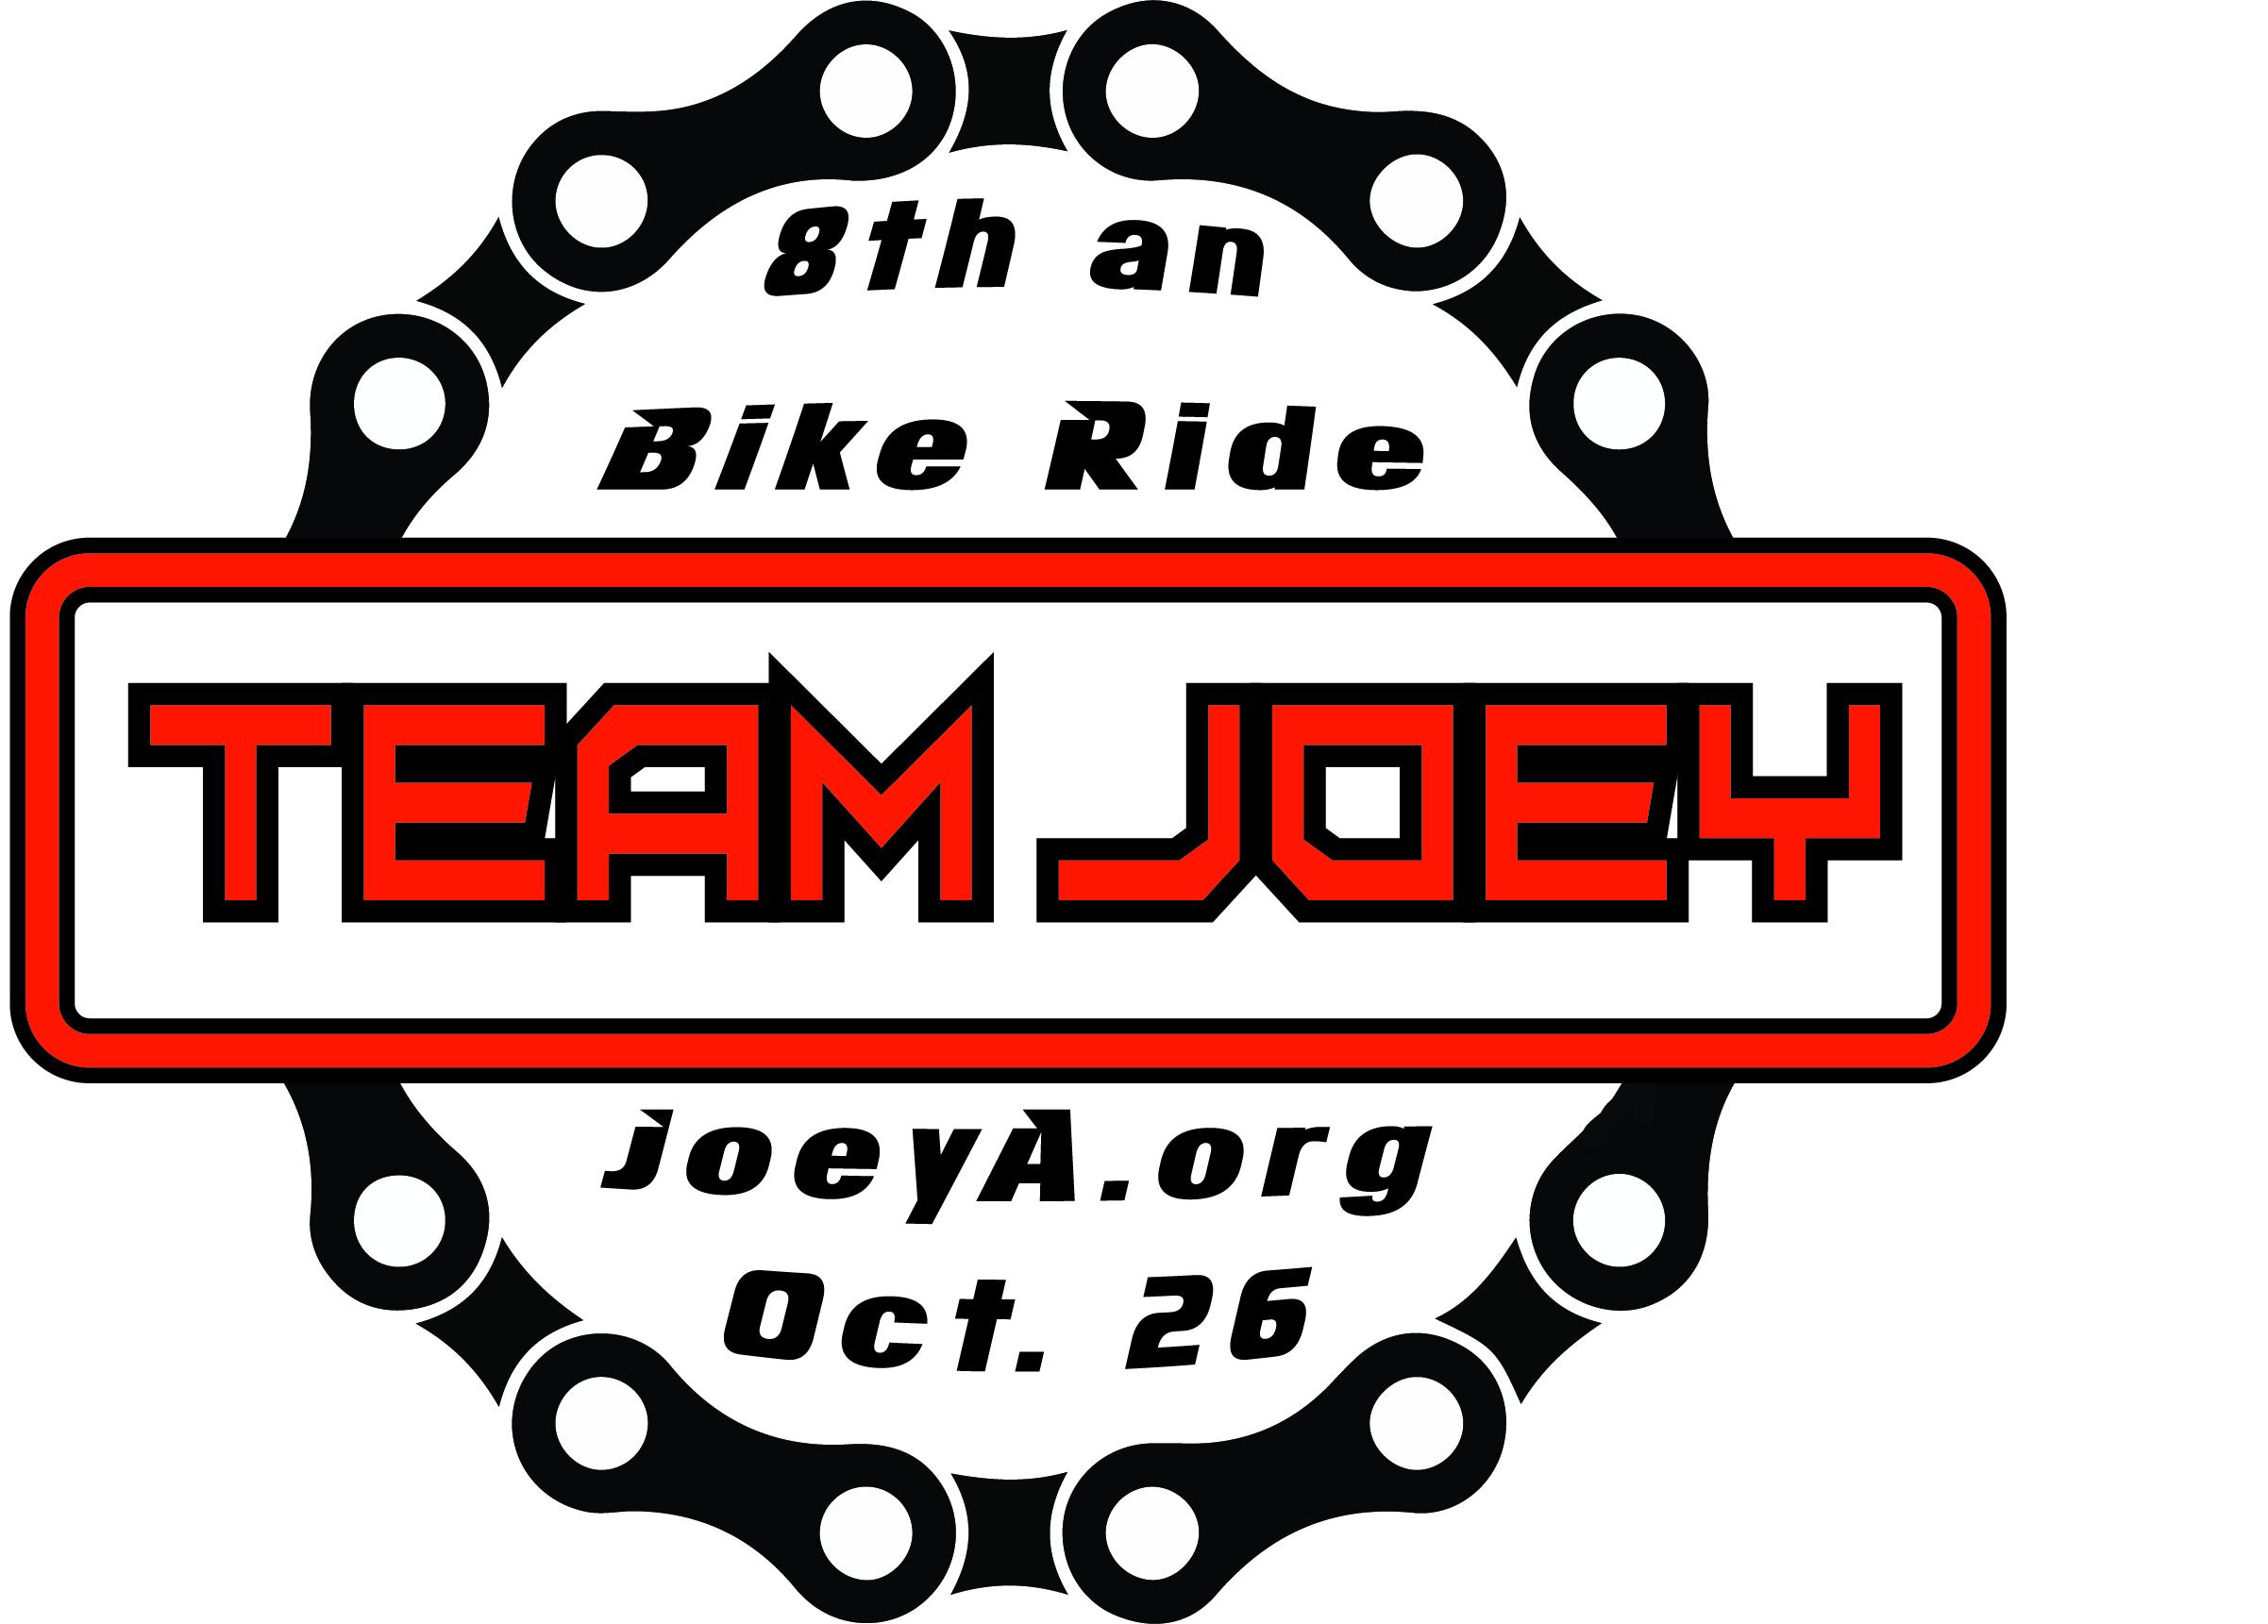 tjr bike ride logo jpg.jpg